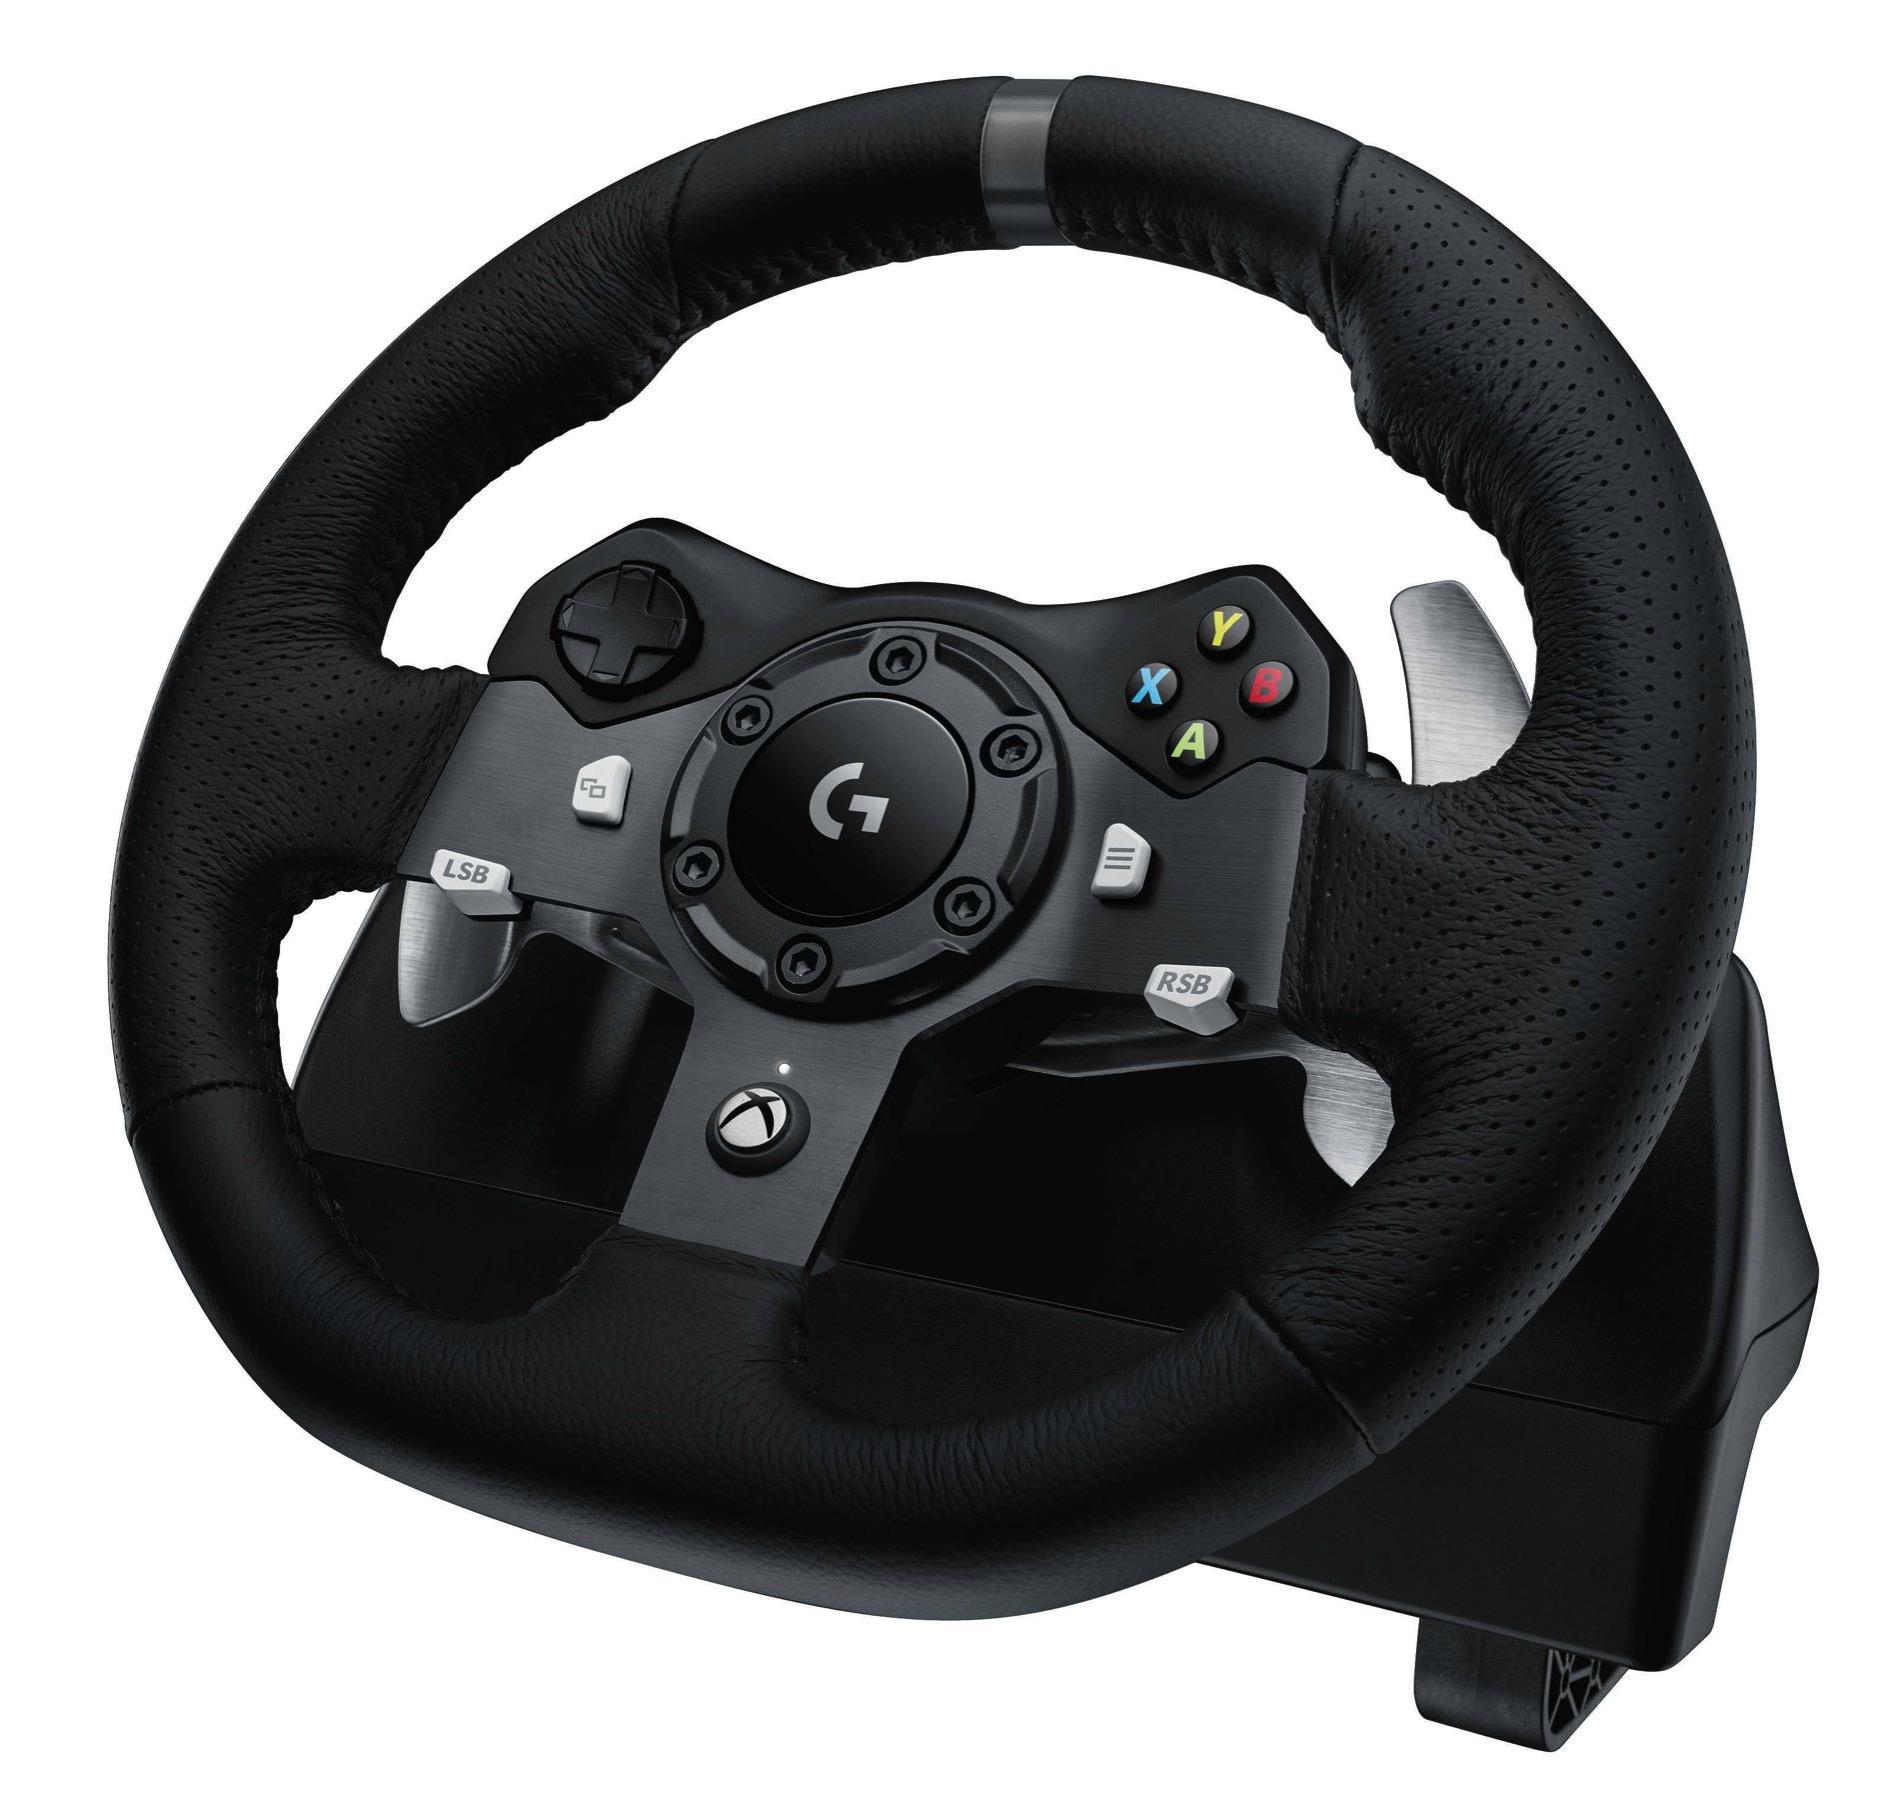 DrivingForce G29 G920 02